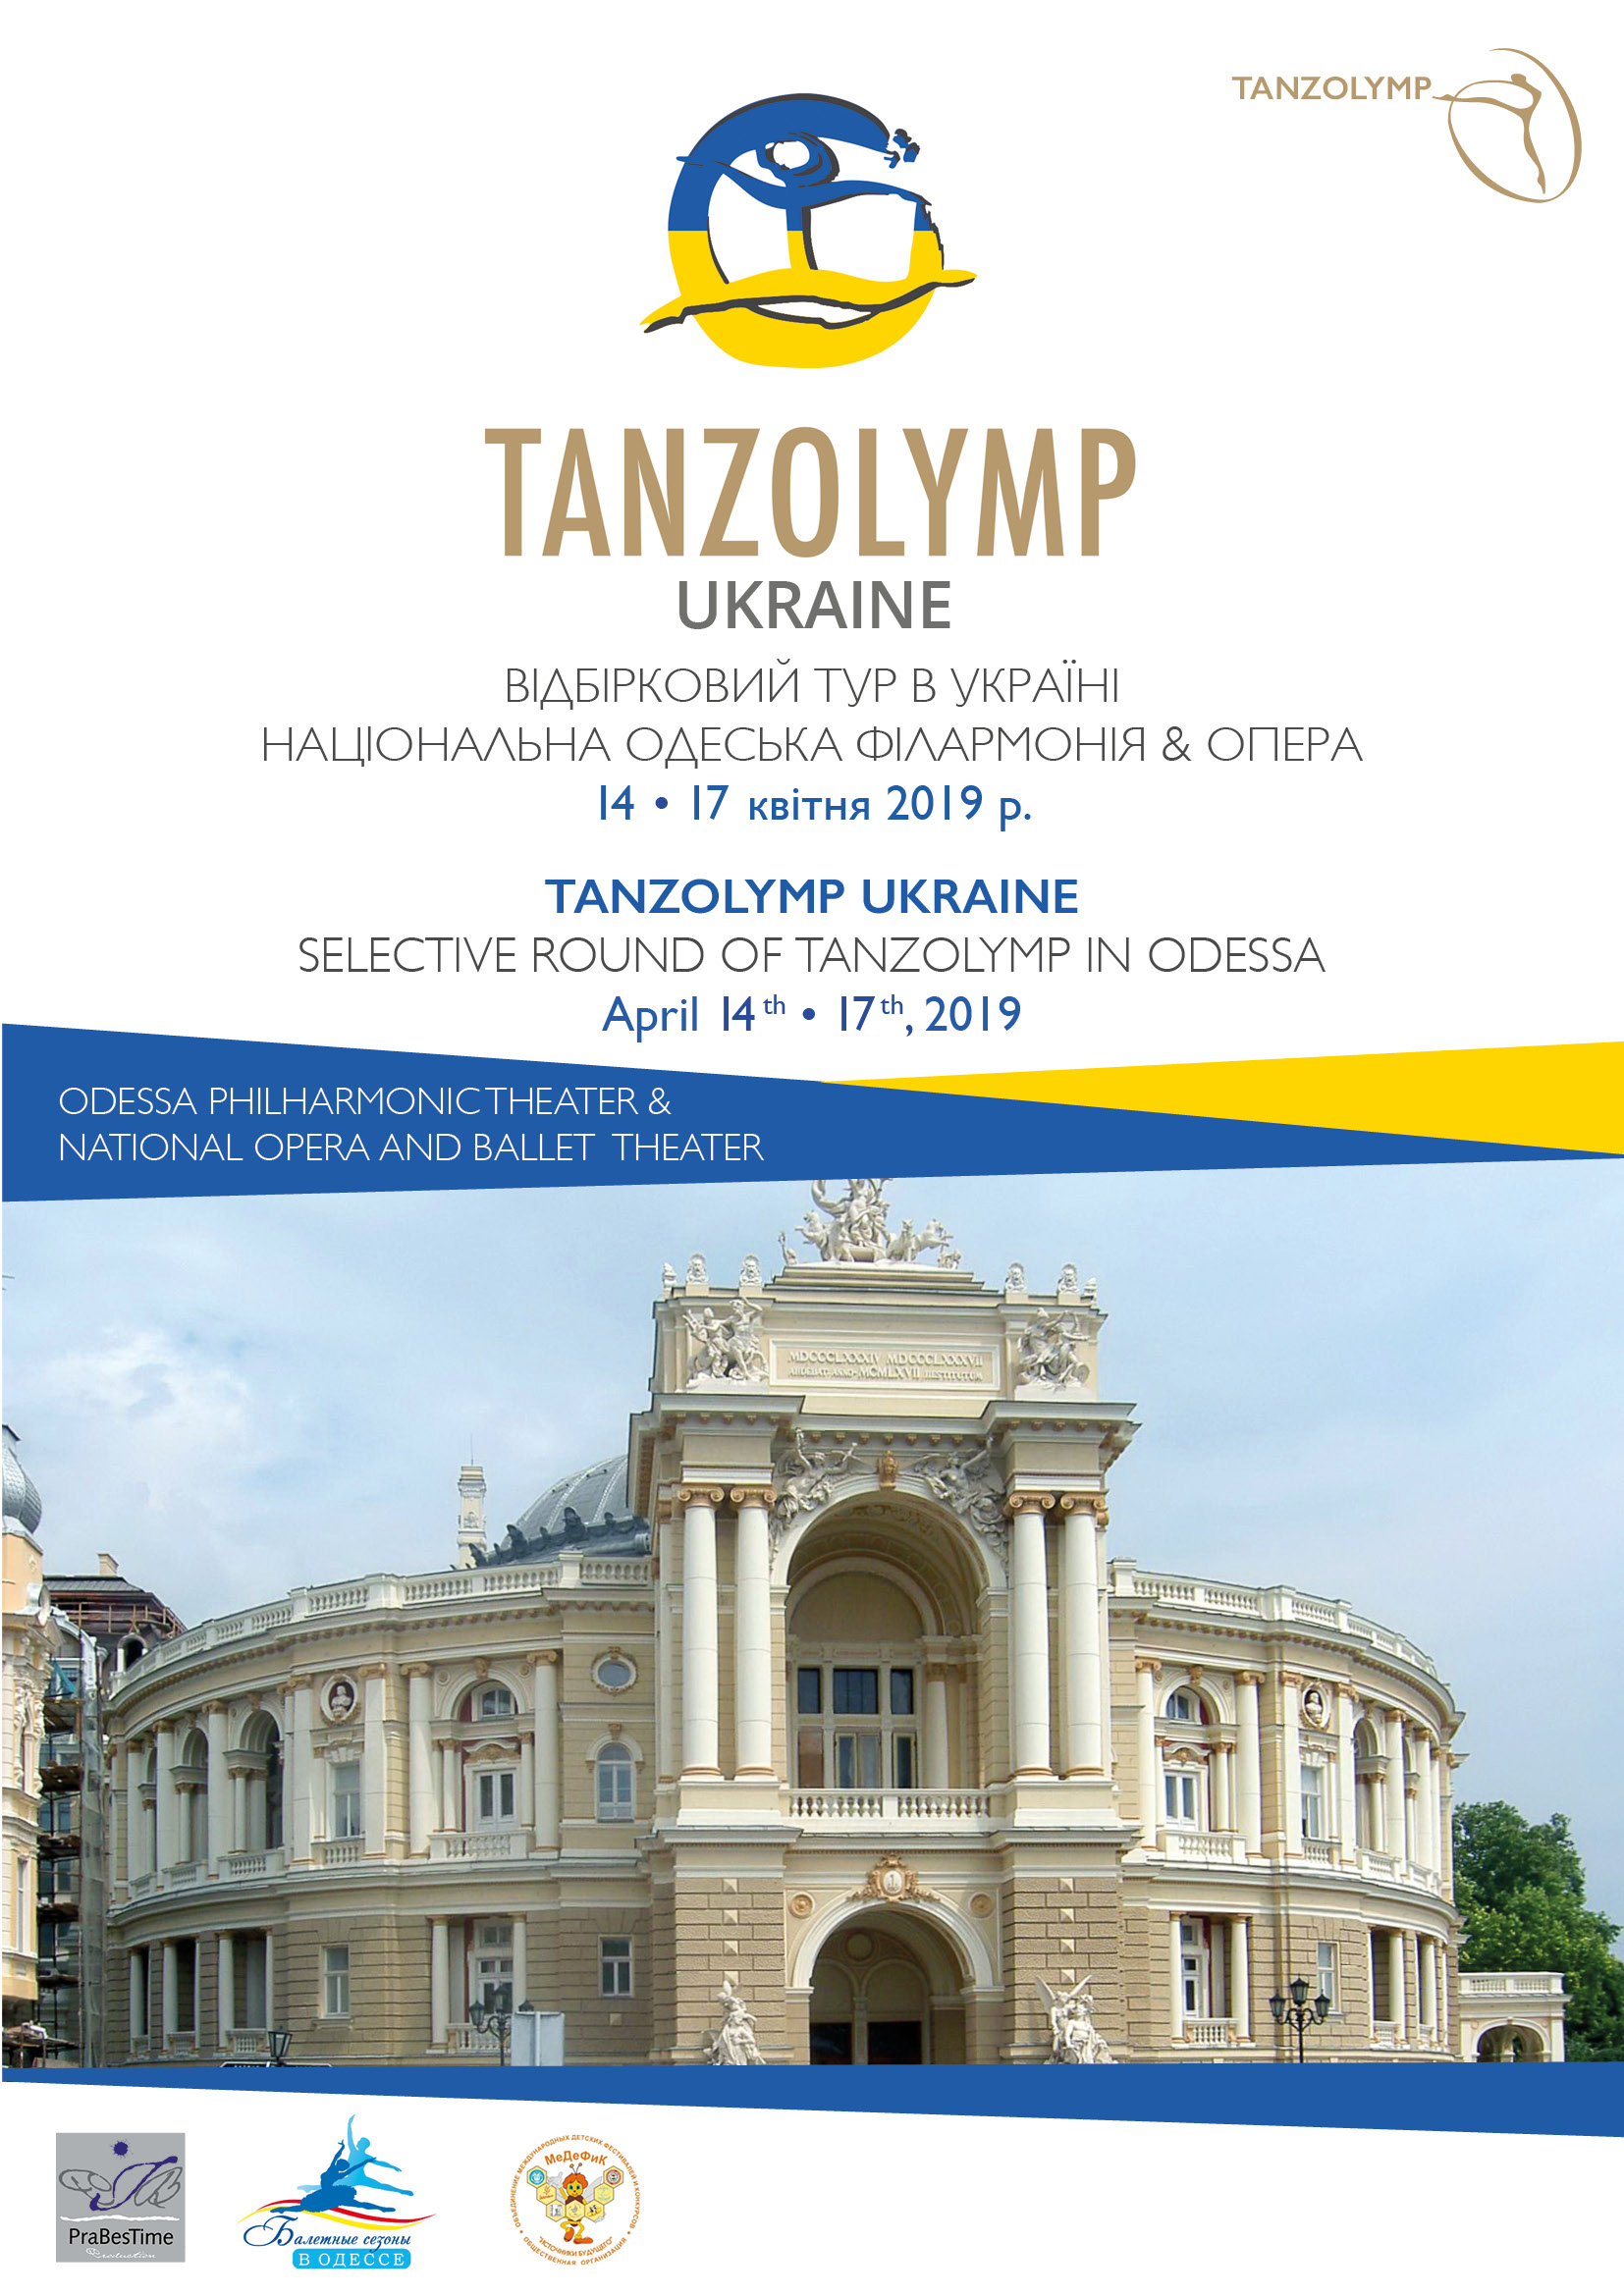 Tanzolymp Ukraine